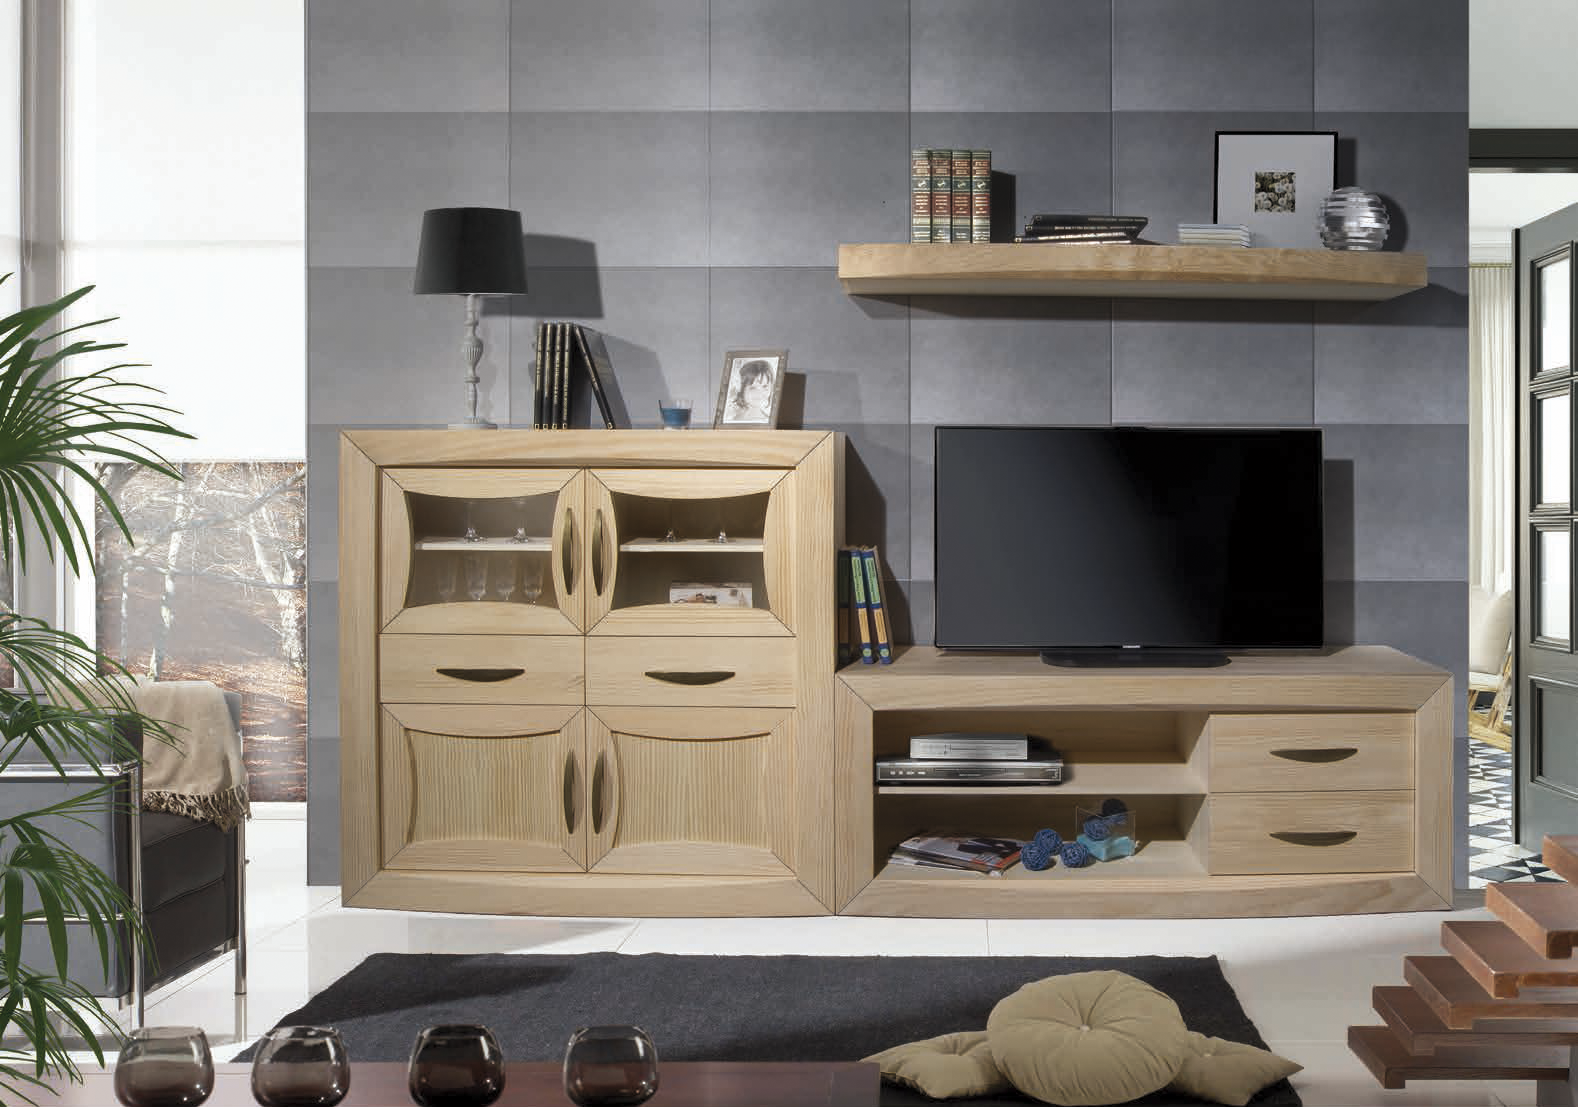 salones-comedores-dormitorios-modernos-madera-lacados-coleccion ...